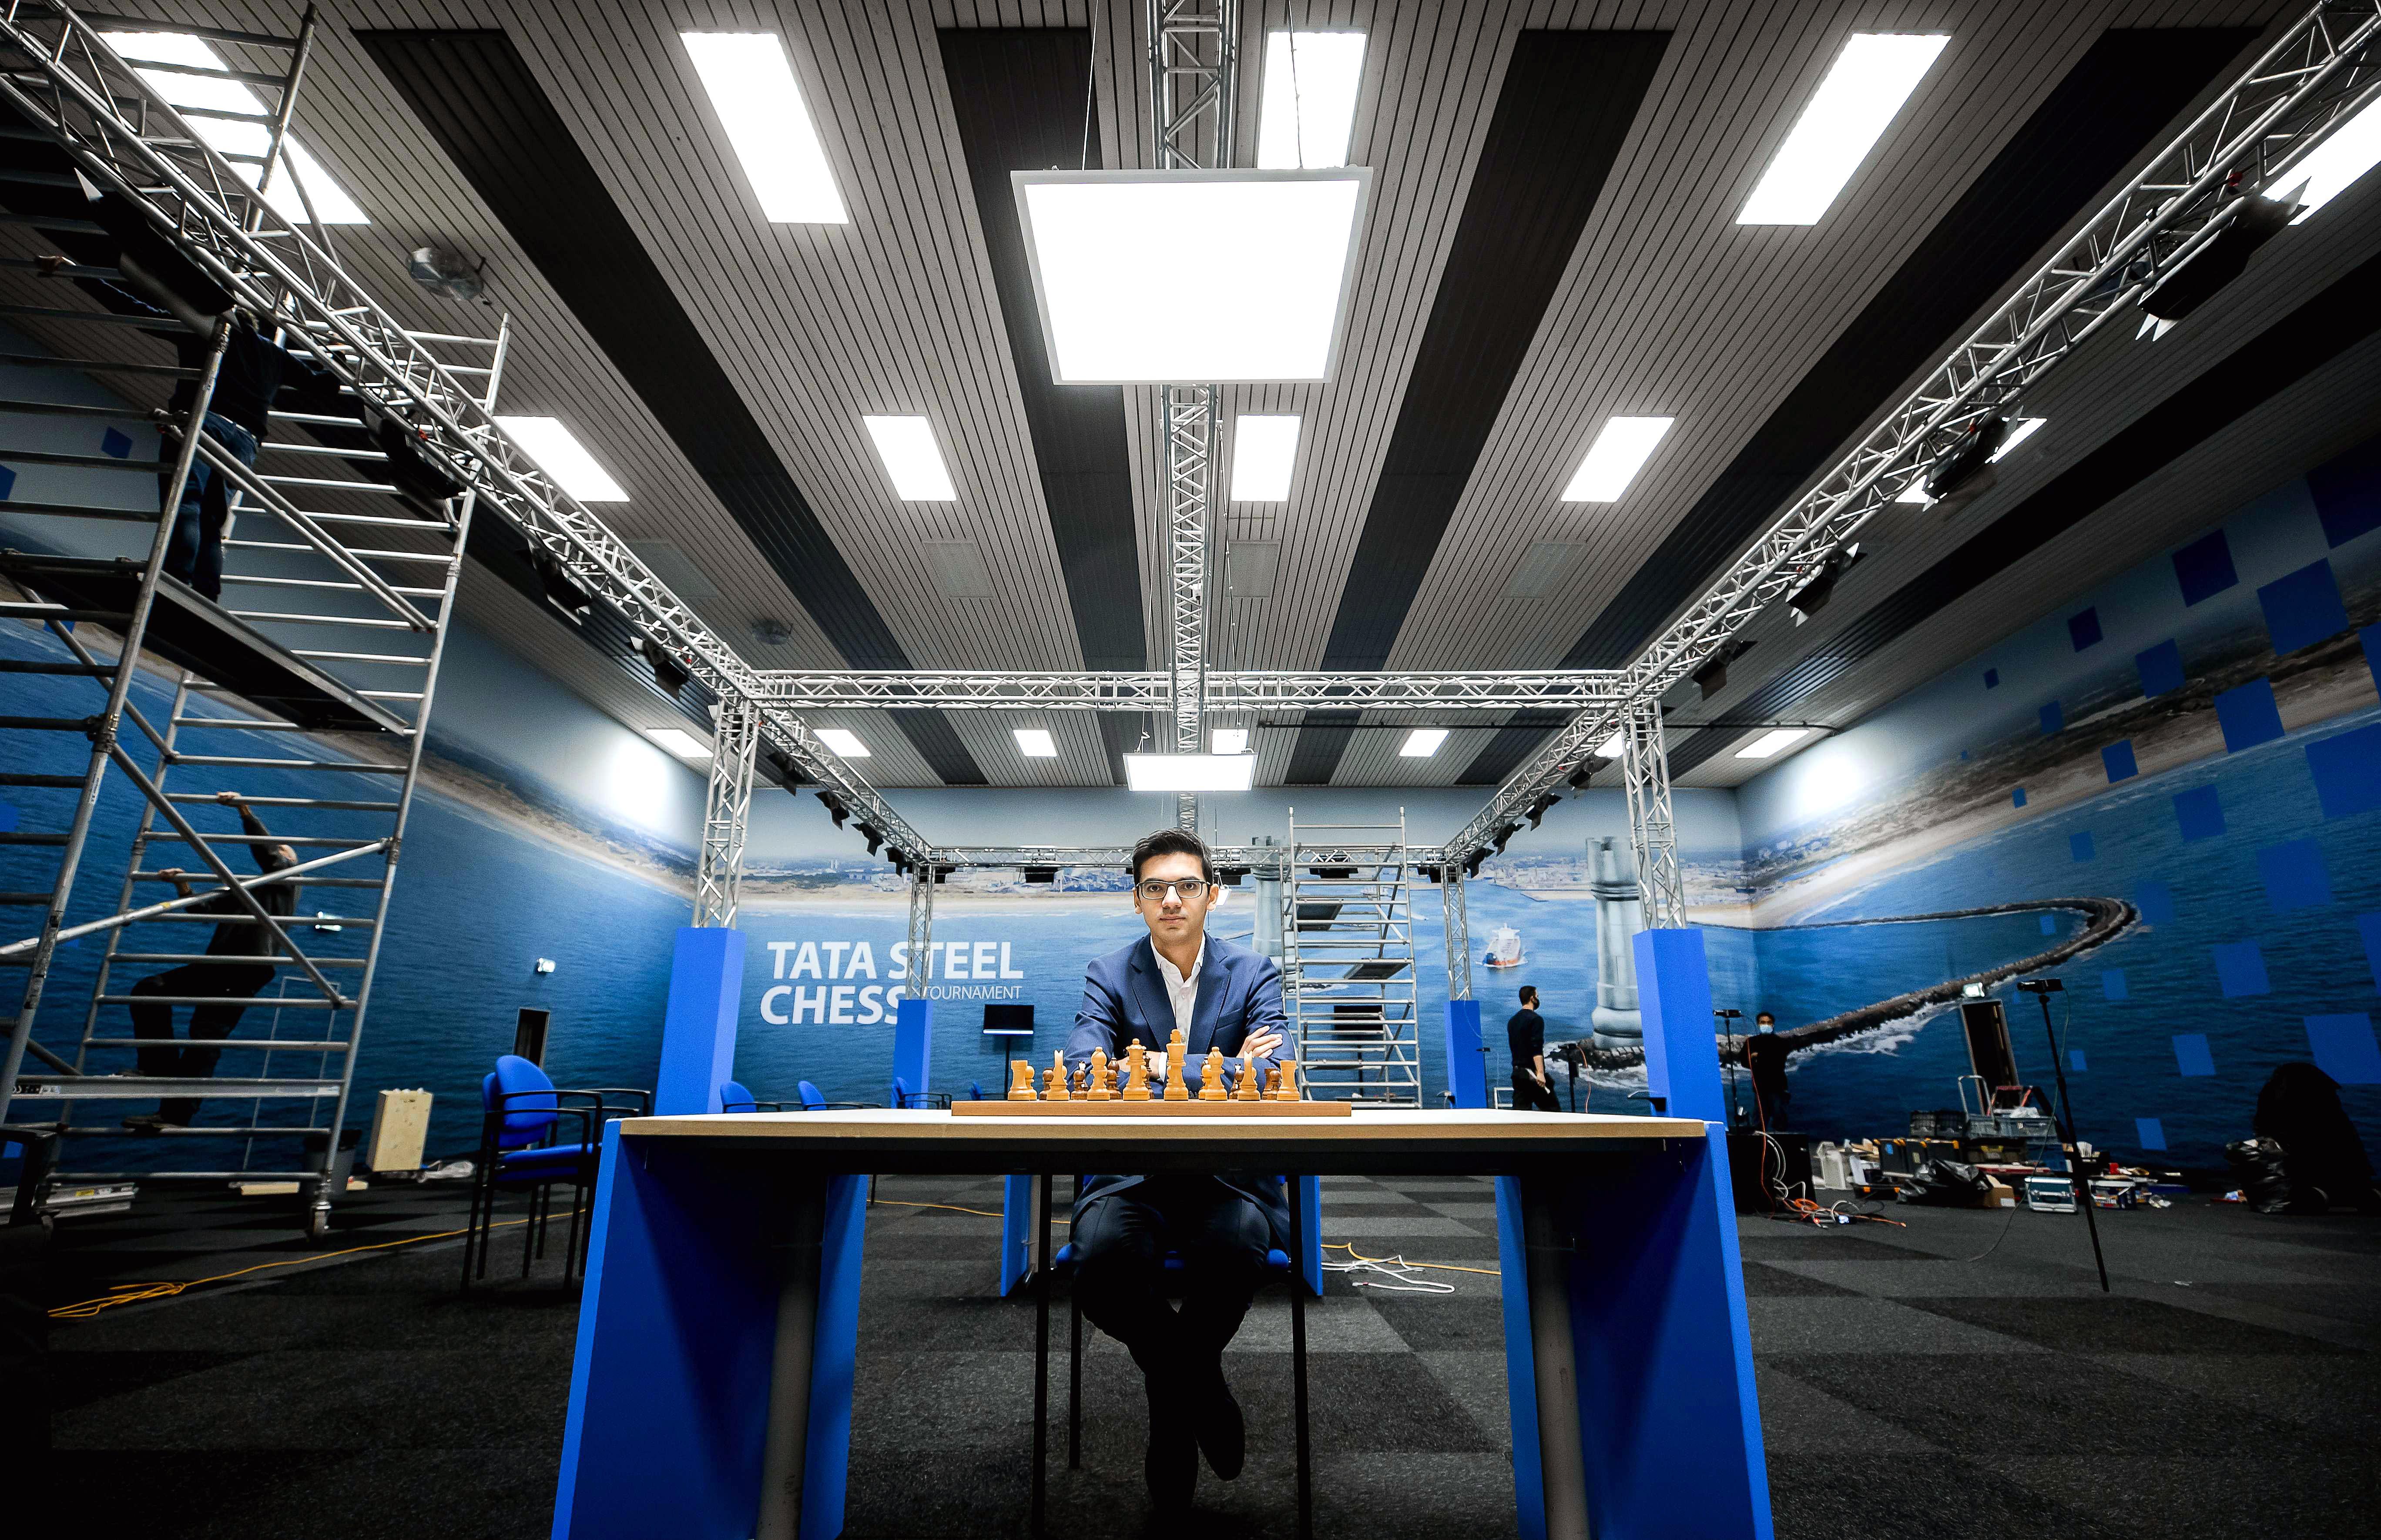 Anish Giri is blij dat hij tijdens Tata Chess weer kan schaken met een collega tegenover zich. Toch zal hij het publiek en de restaurants in Wijk aan Zee missen. 'Uit eten gaan was toch een rustpuntje op de dag'